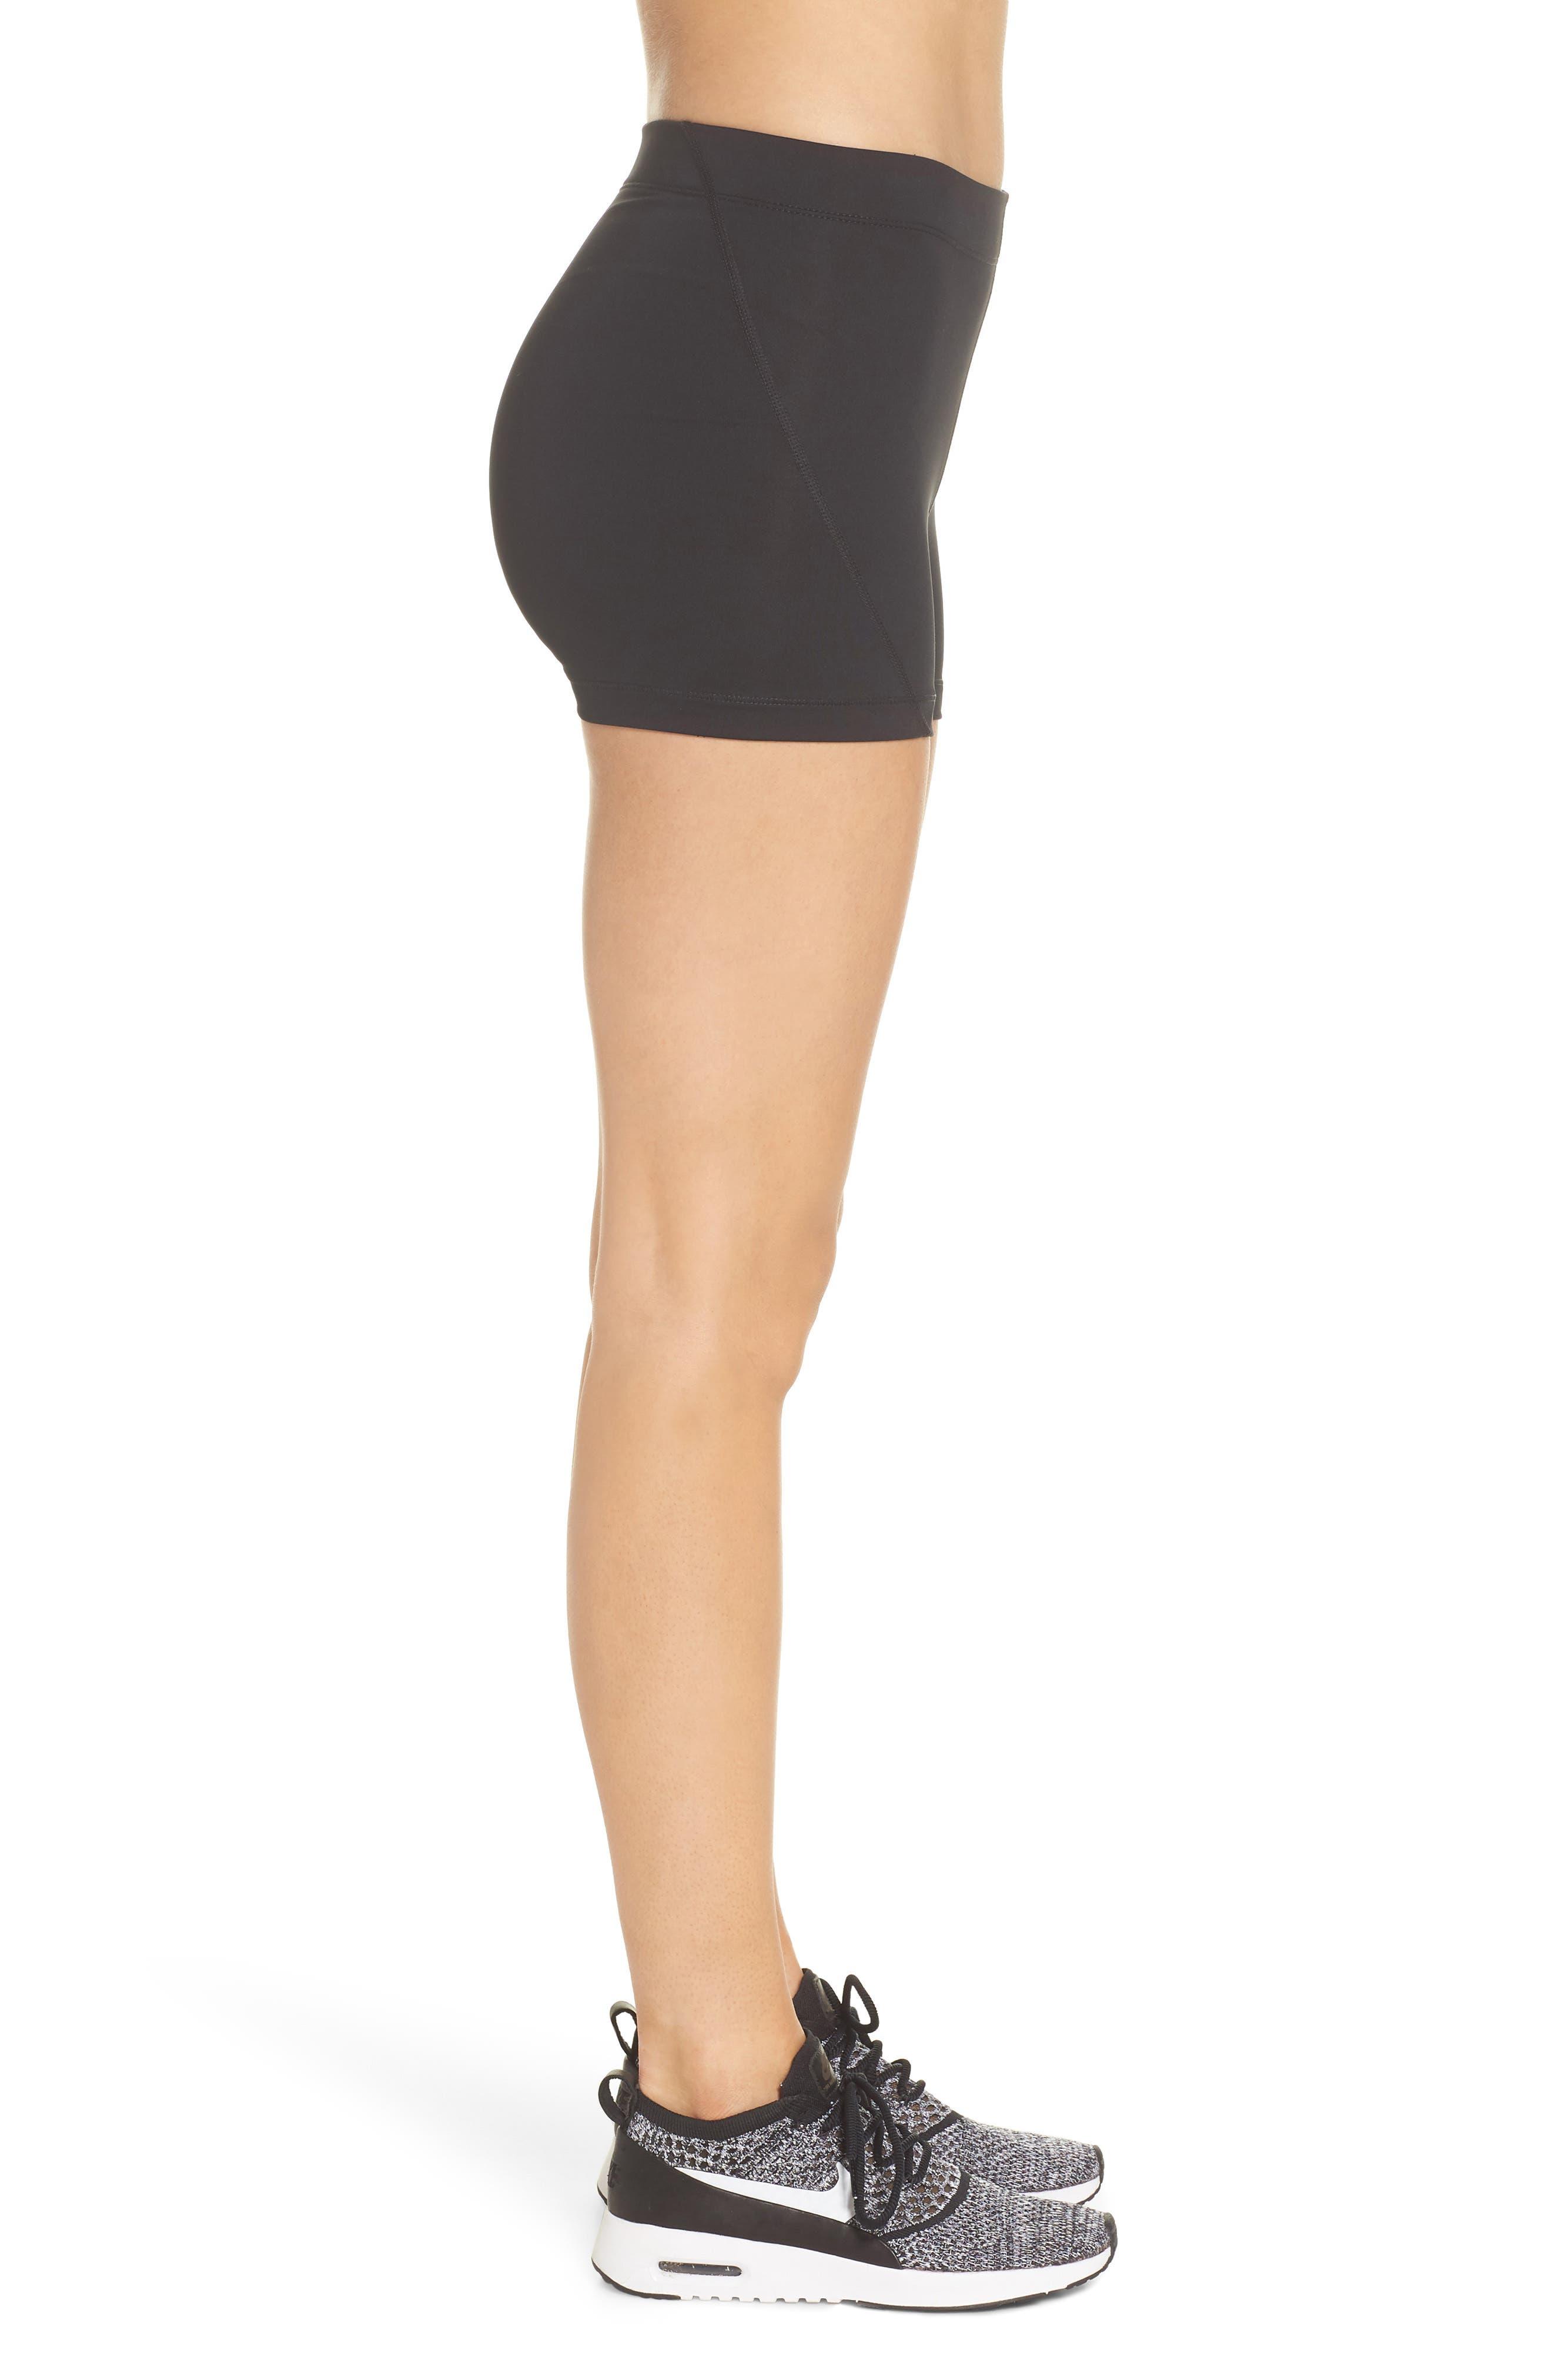 Pro Short Shorts,                             Alternate thumbnail 3, color,                             Black/ White